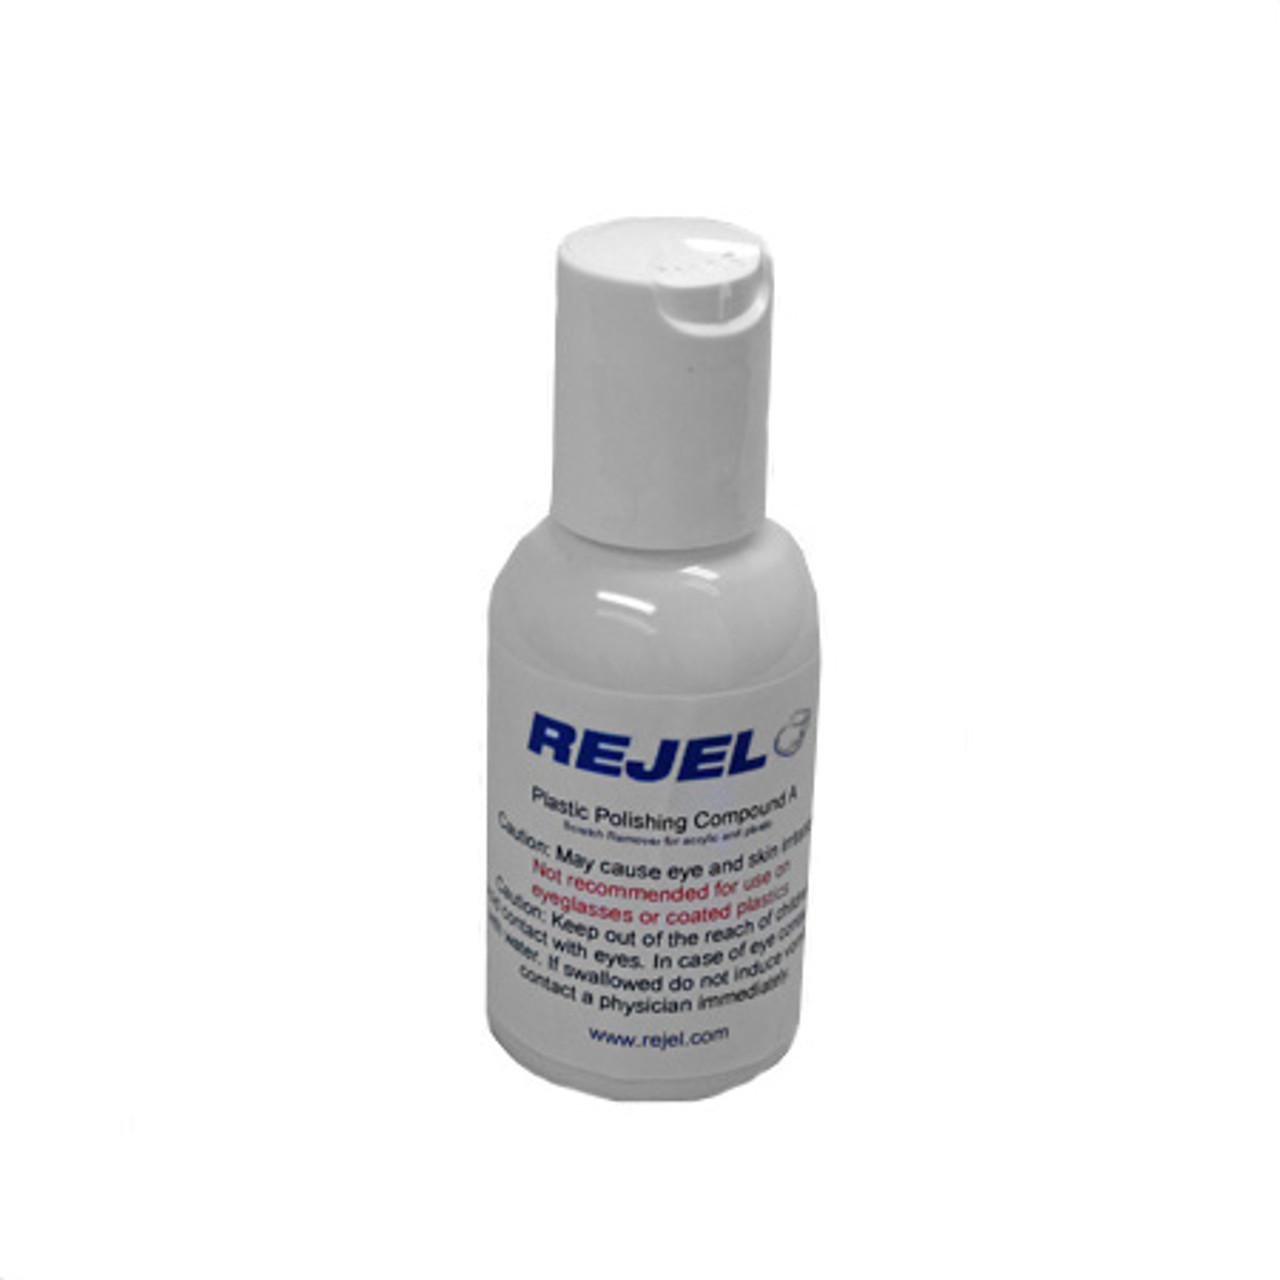 REJEL DIY PLASTIC ACRYLIC CUTTING COMPOUND A (50ml)